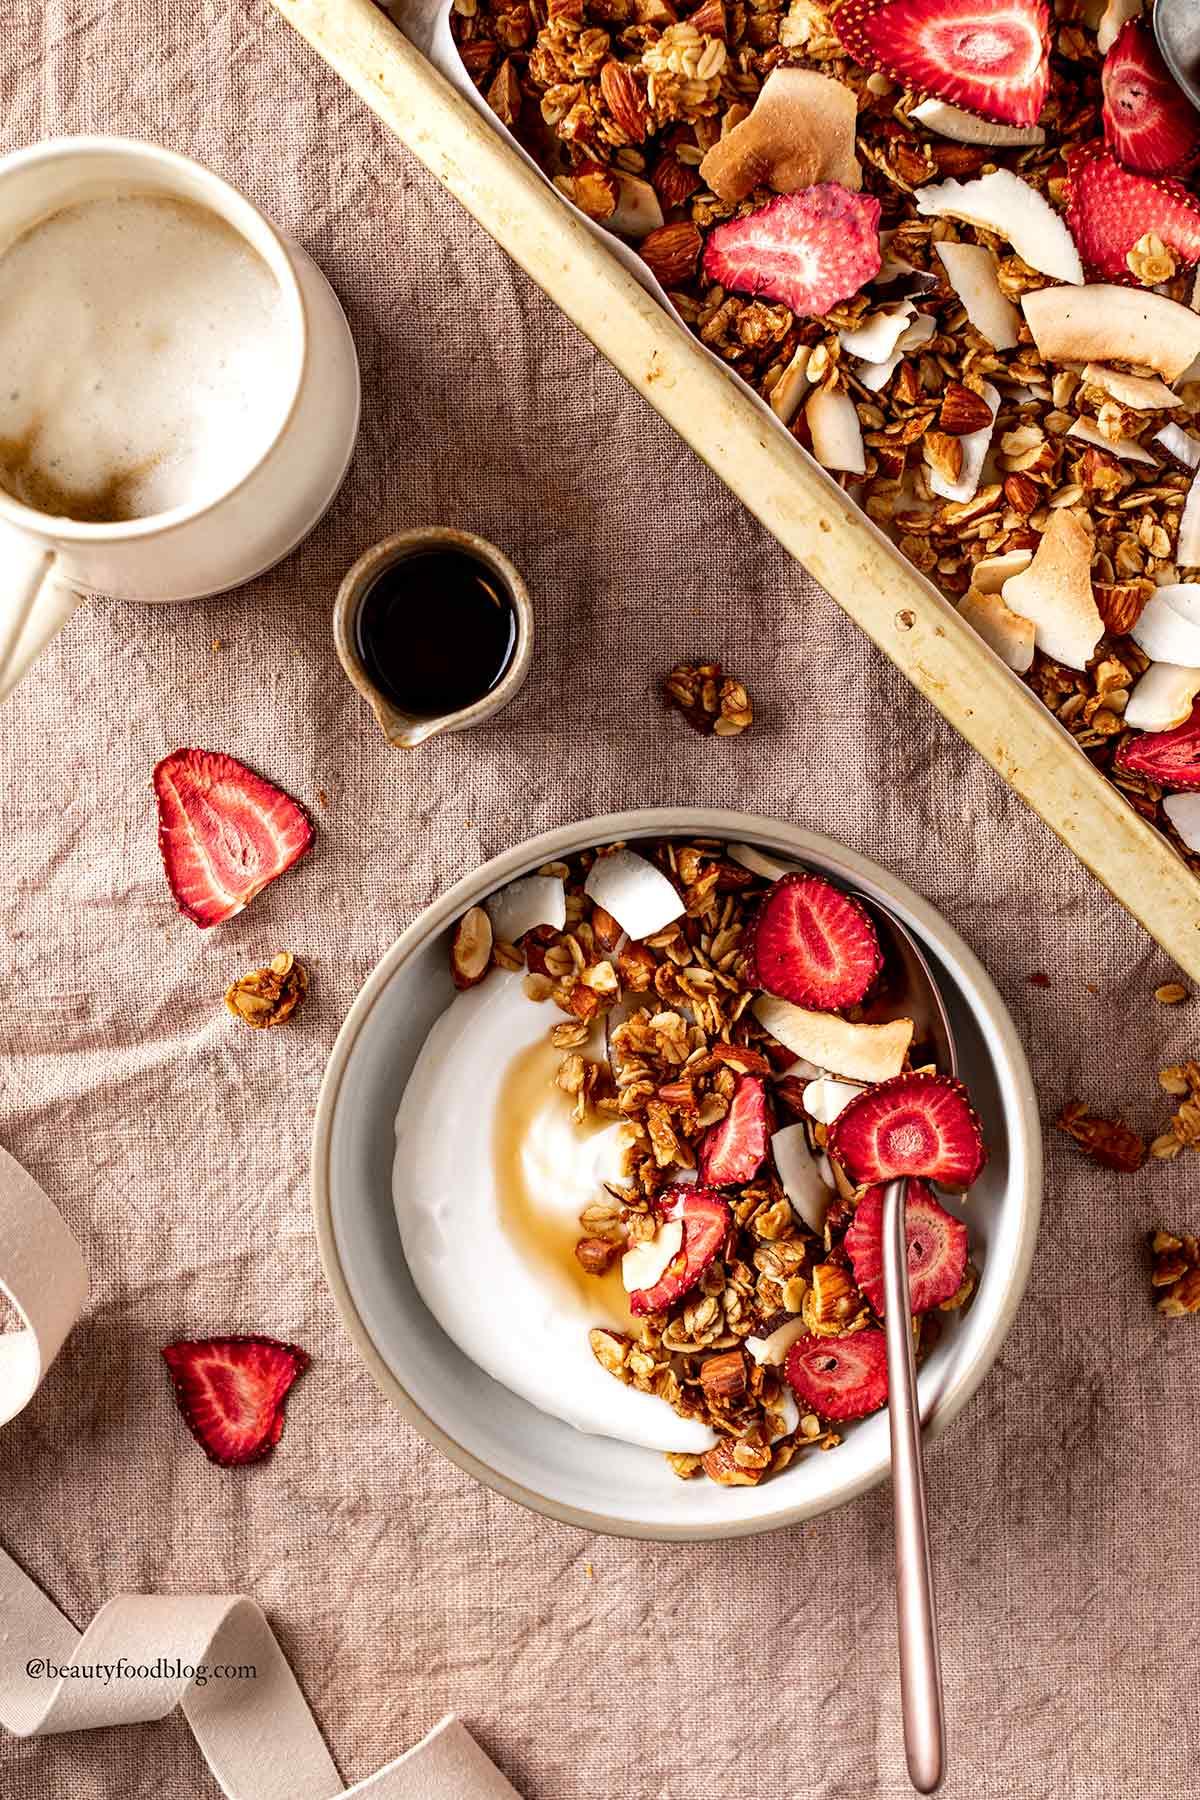 ricetta granola croccante cocco e fragole senza glutine VEGAN COCONUT STRAWBERRY GRANOLA GLUTEN-FREE recipe